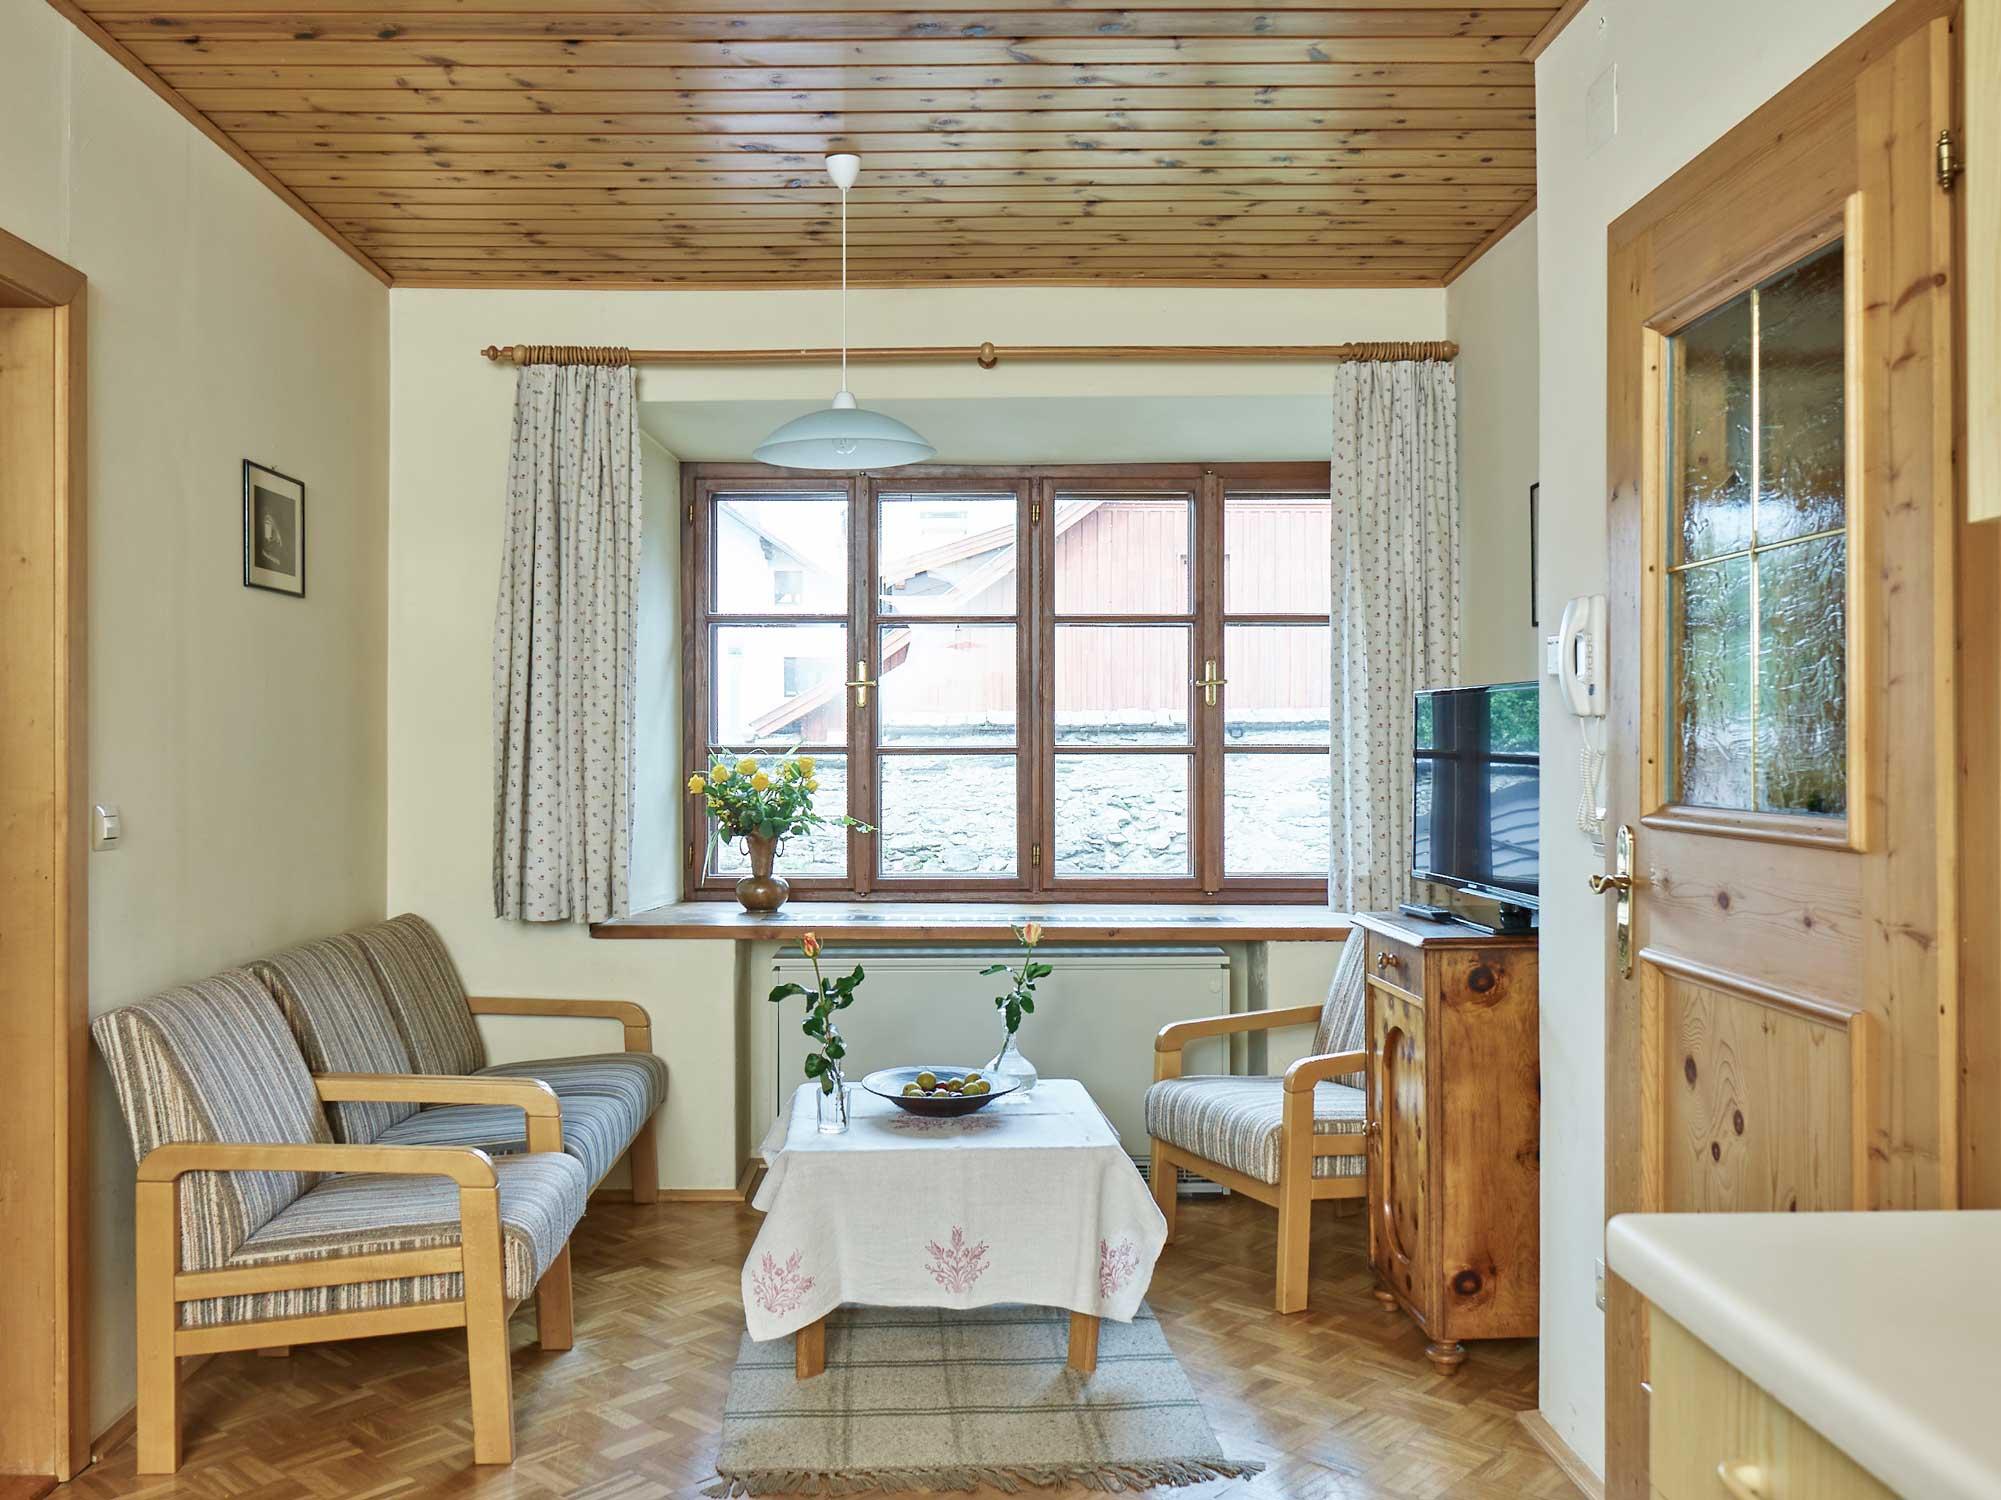 apartment-gartenlaube-wohnzimmer.jpg